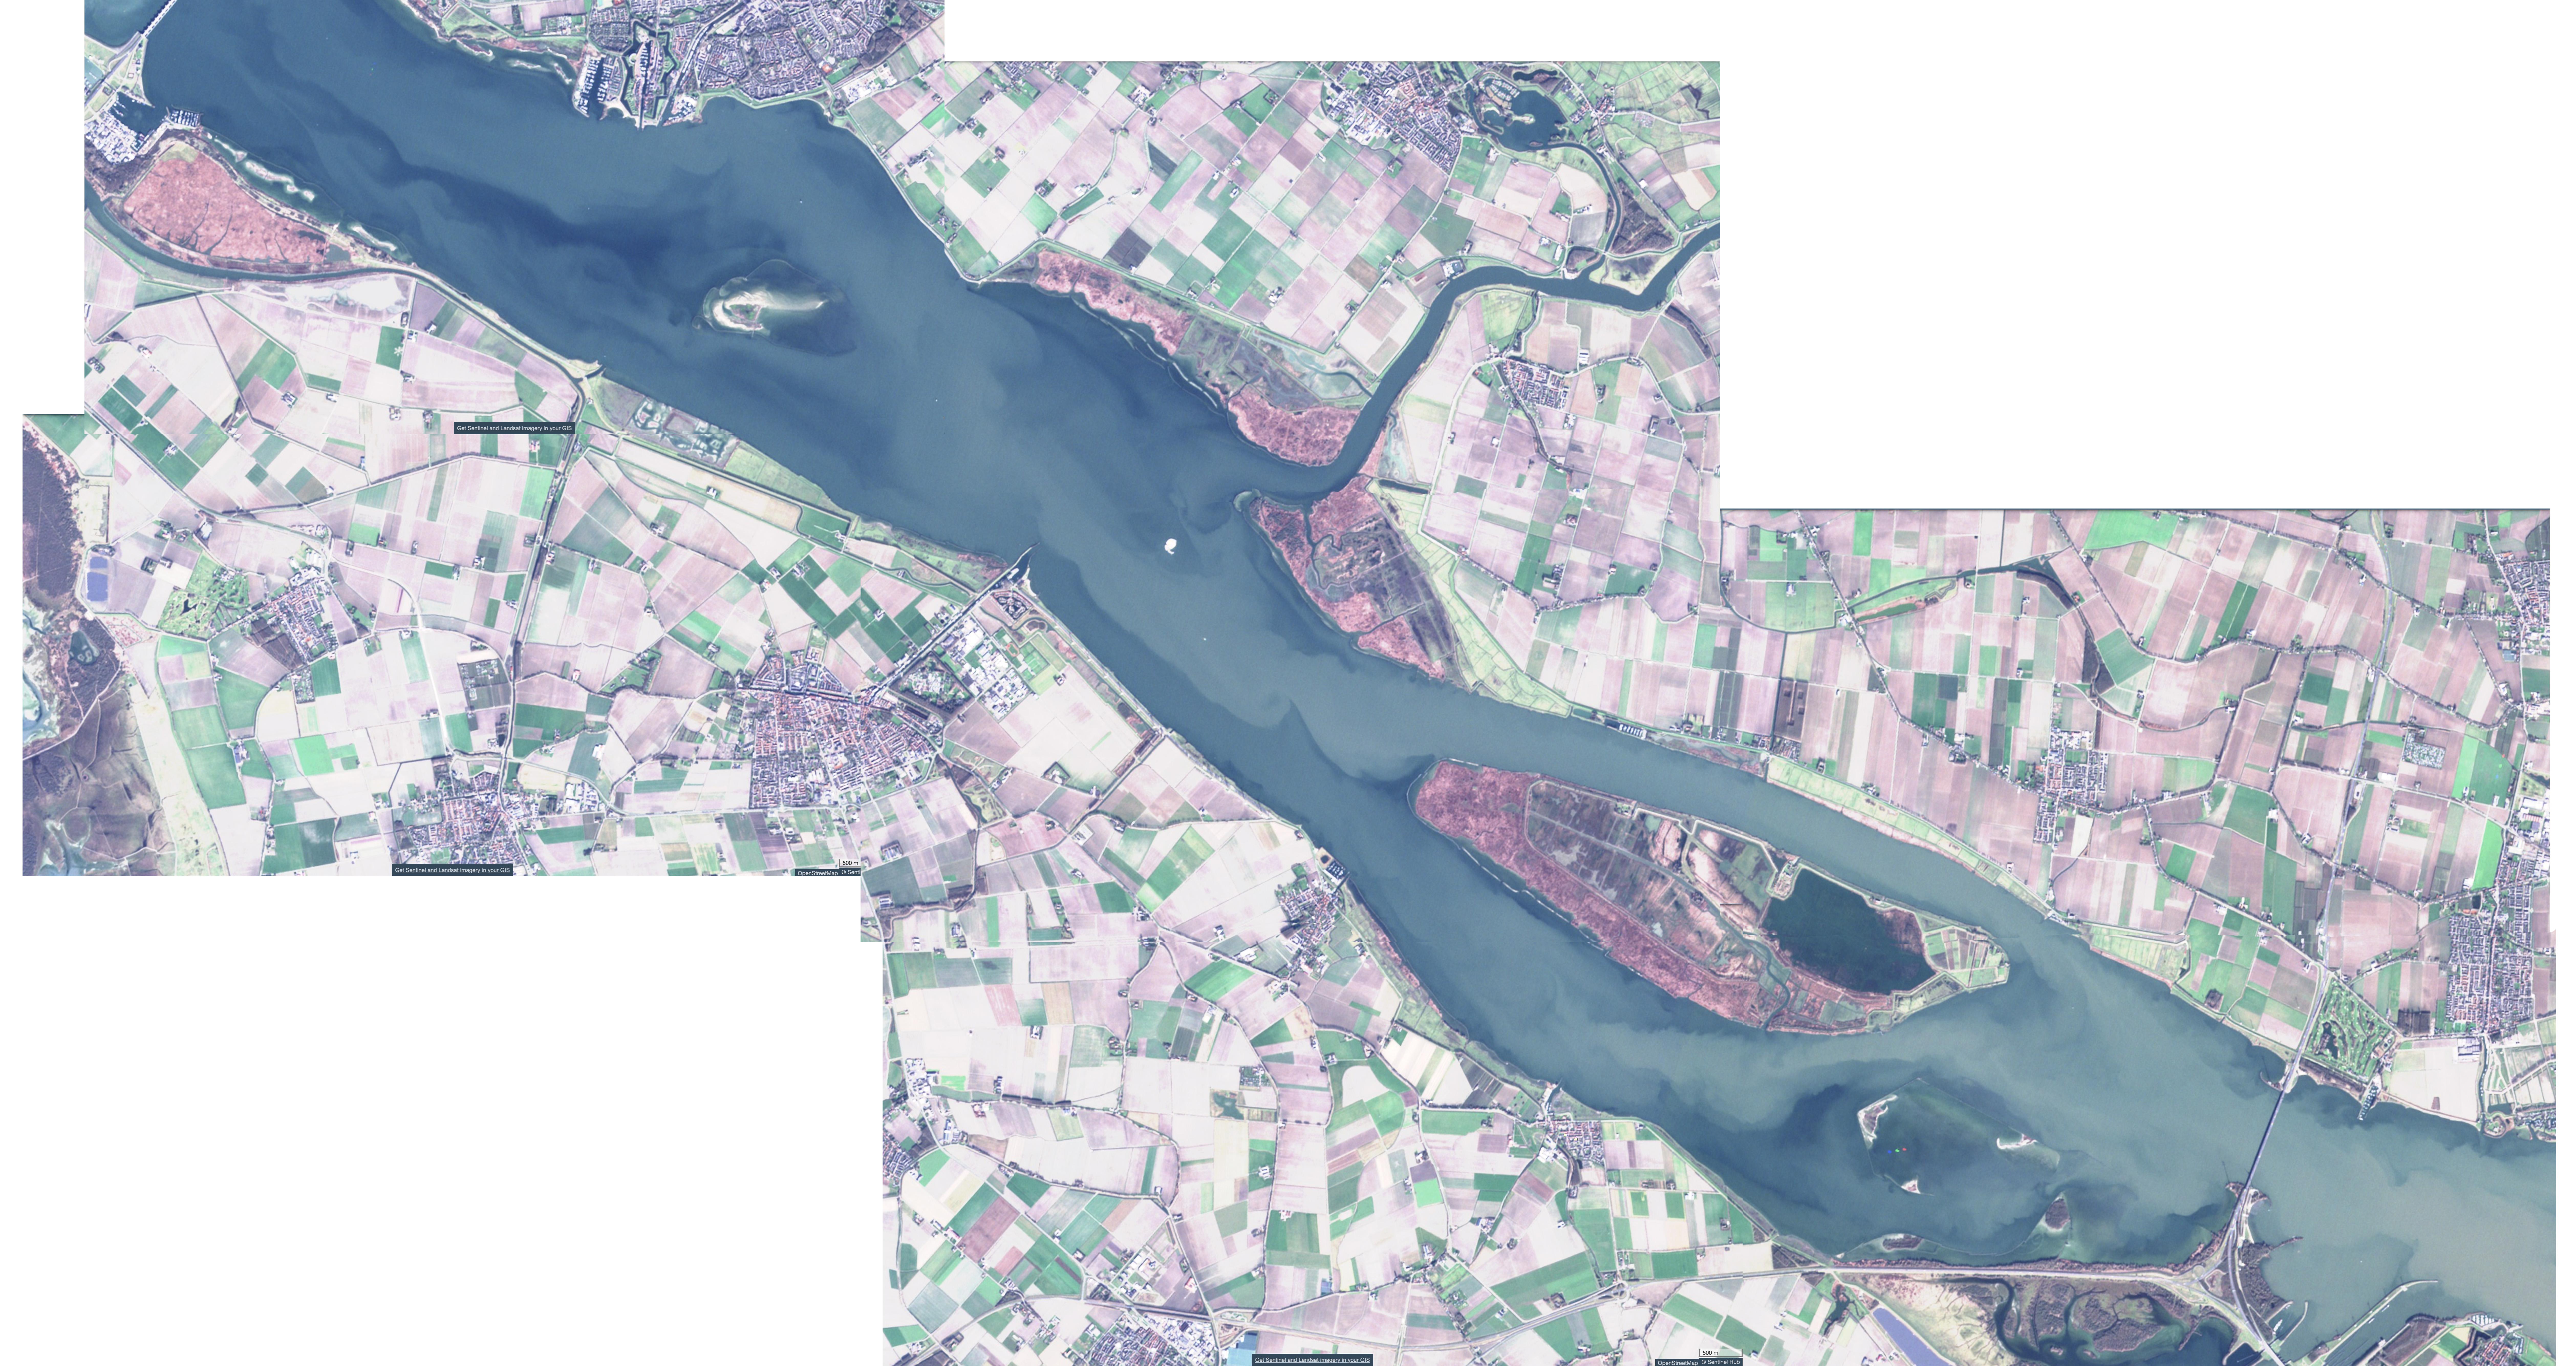 Satellietbeeld van het Haringvliet van 15 februari 2019 waarin de klei die in het water zweeft duidelijk te zien is (bron: https://apps.sentinel-hub.com/sentinel-playground)